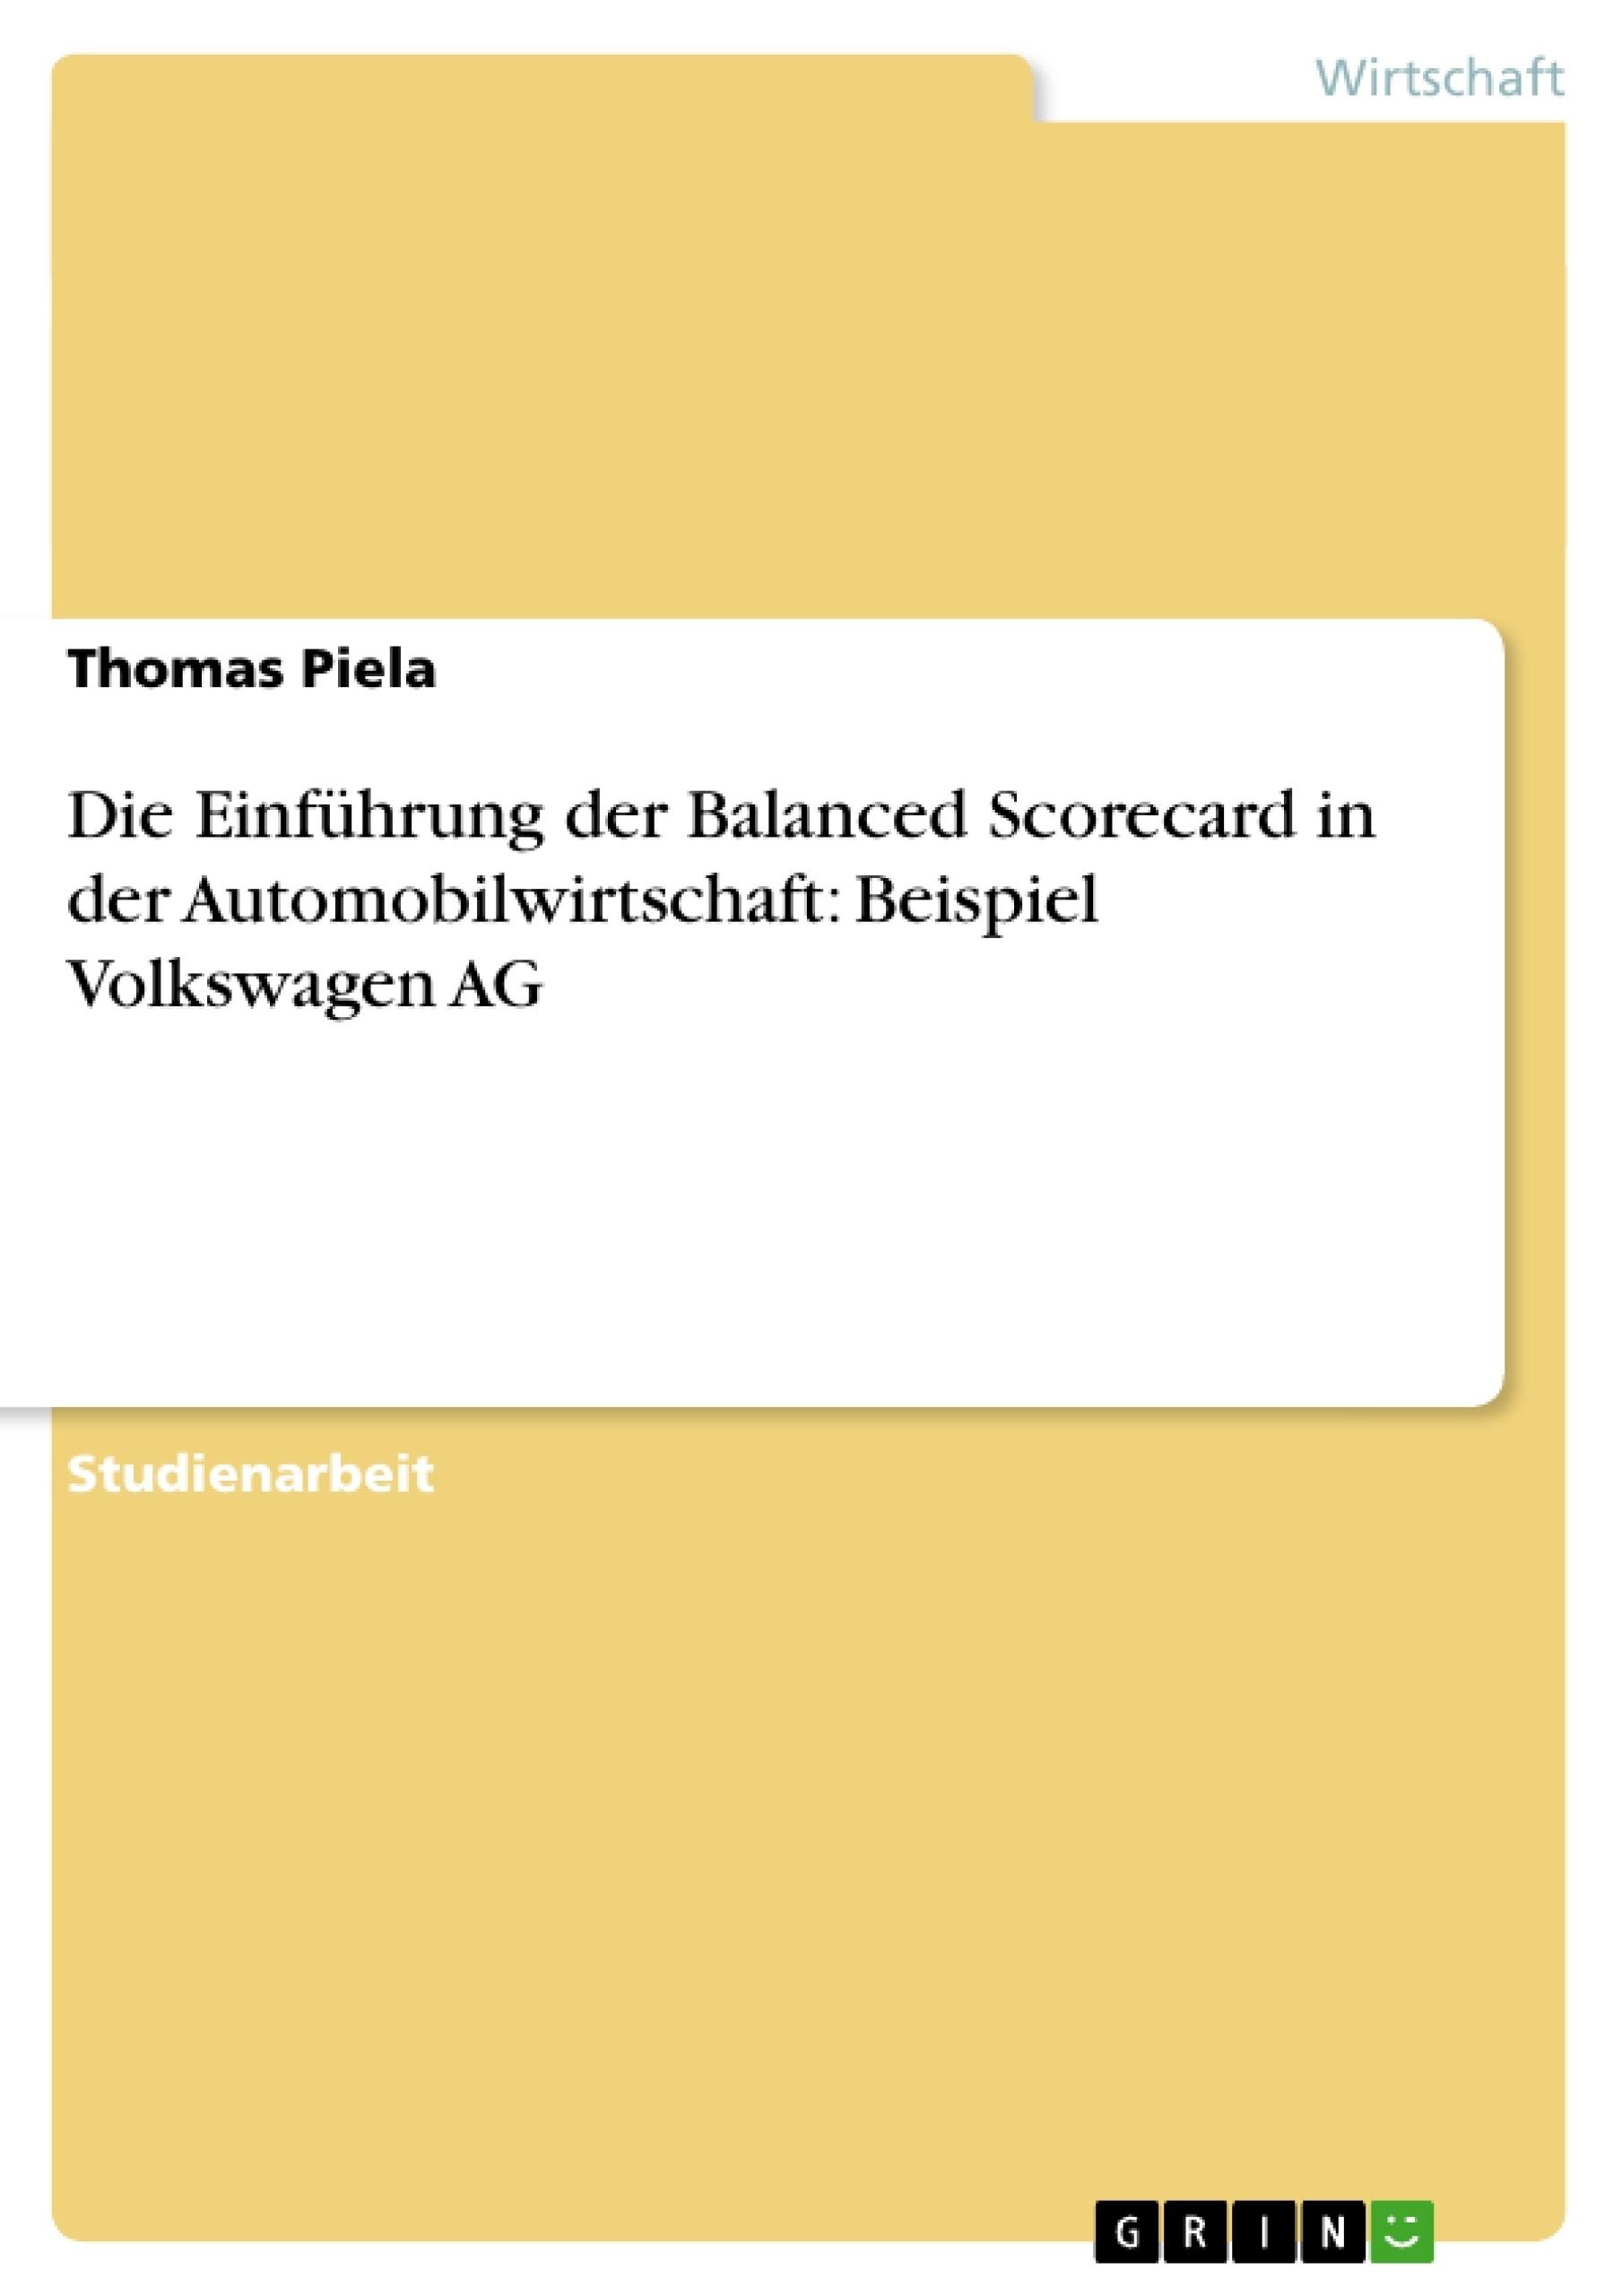 Titel: Die Einführung der Balanced Scorecard in der Automobilwirtschaft: Beispiel Volkswagen AG